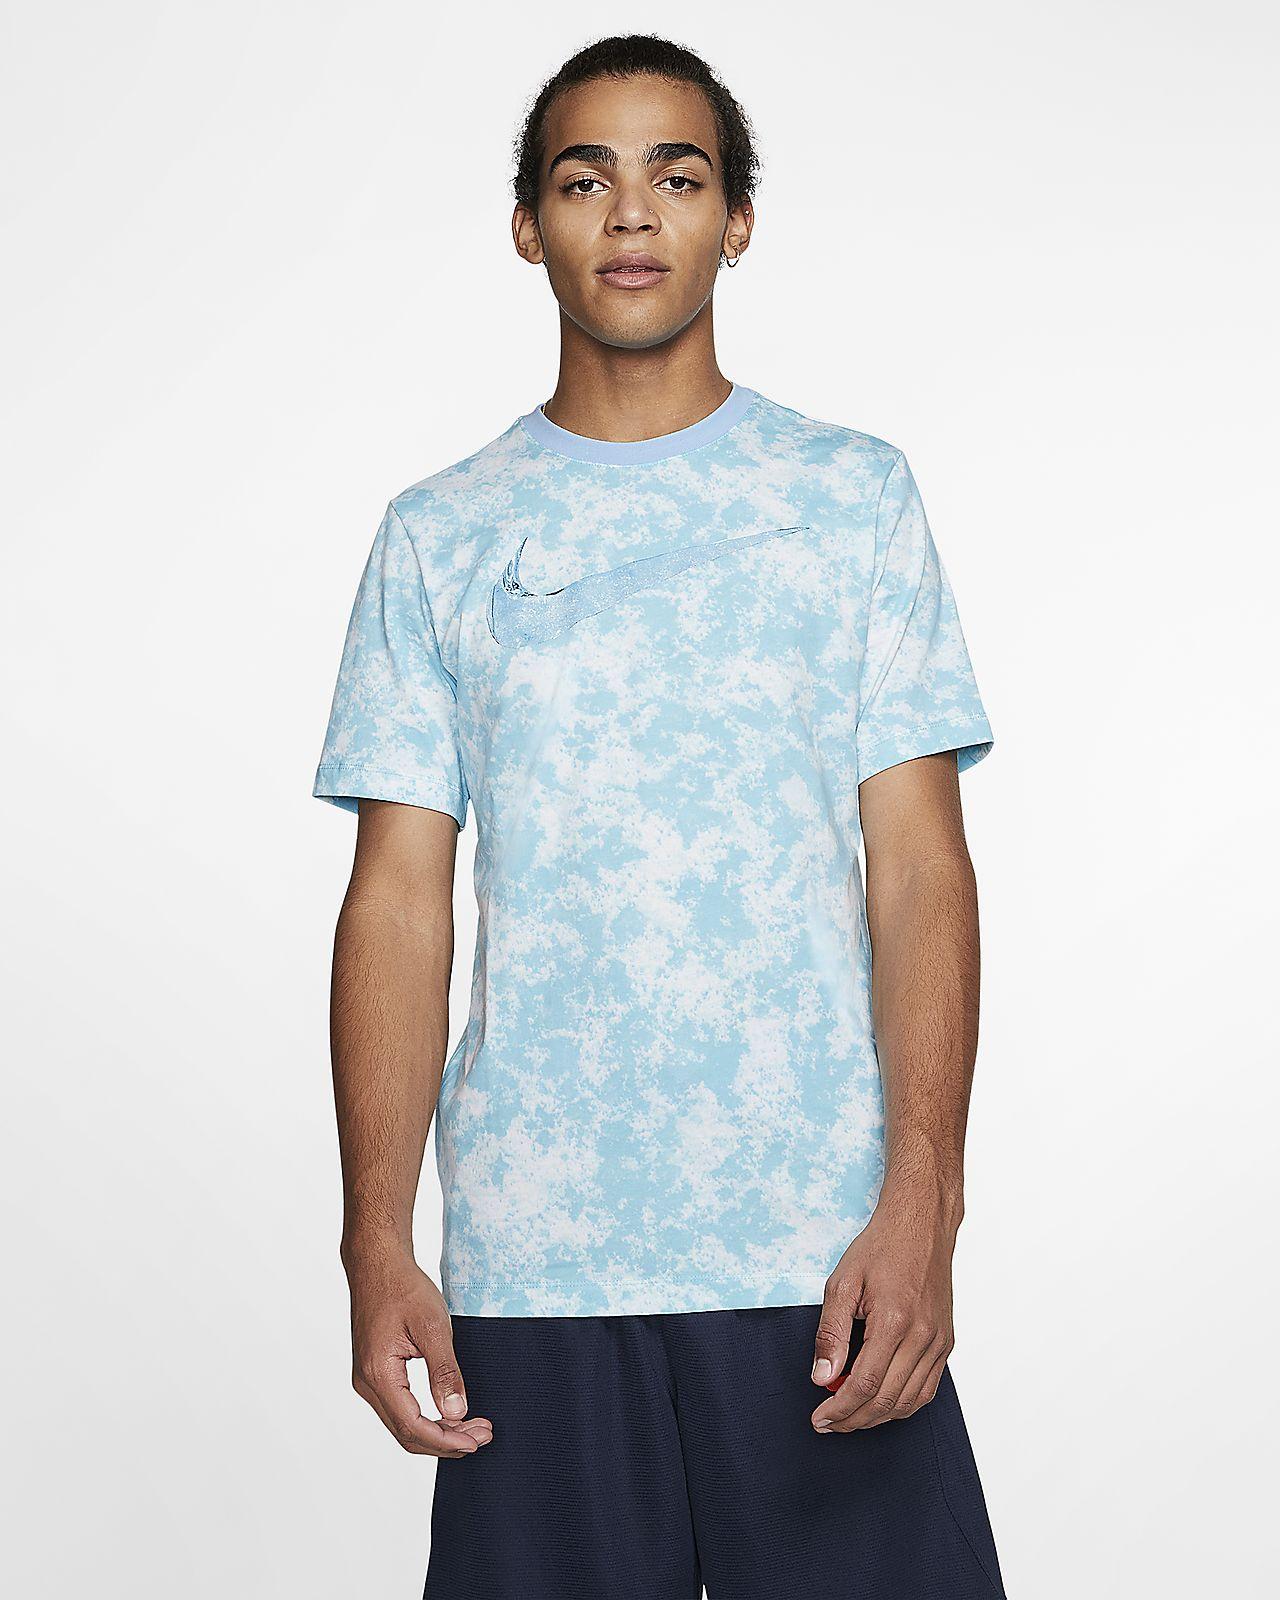 Playera de básquetbol estampada para hombre Nike Dri-FIT